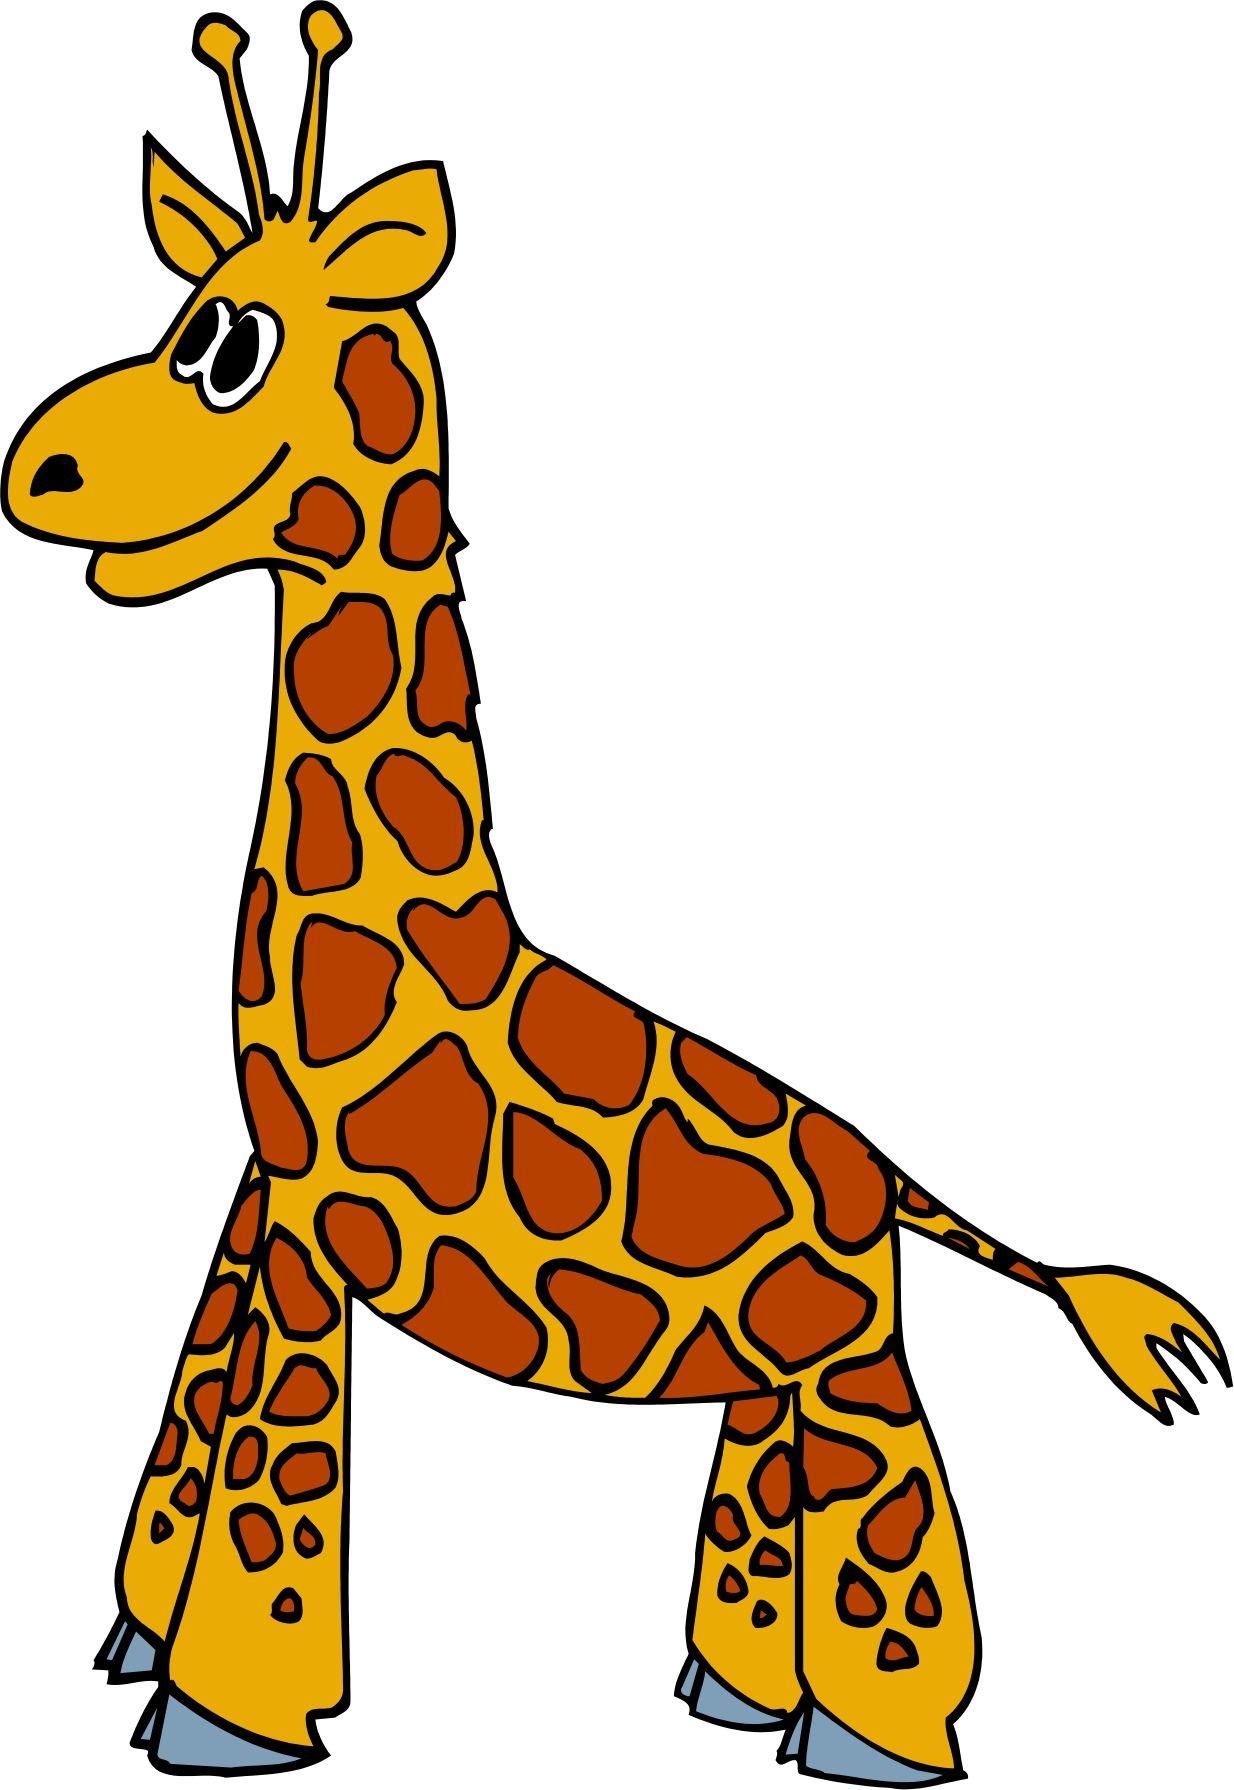 cute baby giraffe clip art clipart clipart image 18664 giraffe rh pinterest ie baby giraffe cartoon clipart cute baby giraffe clipart